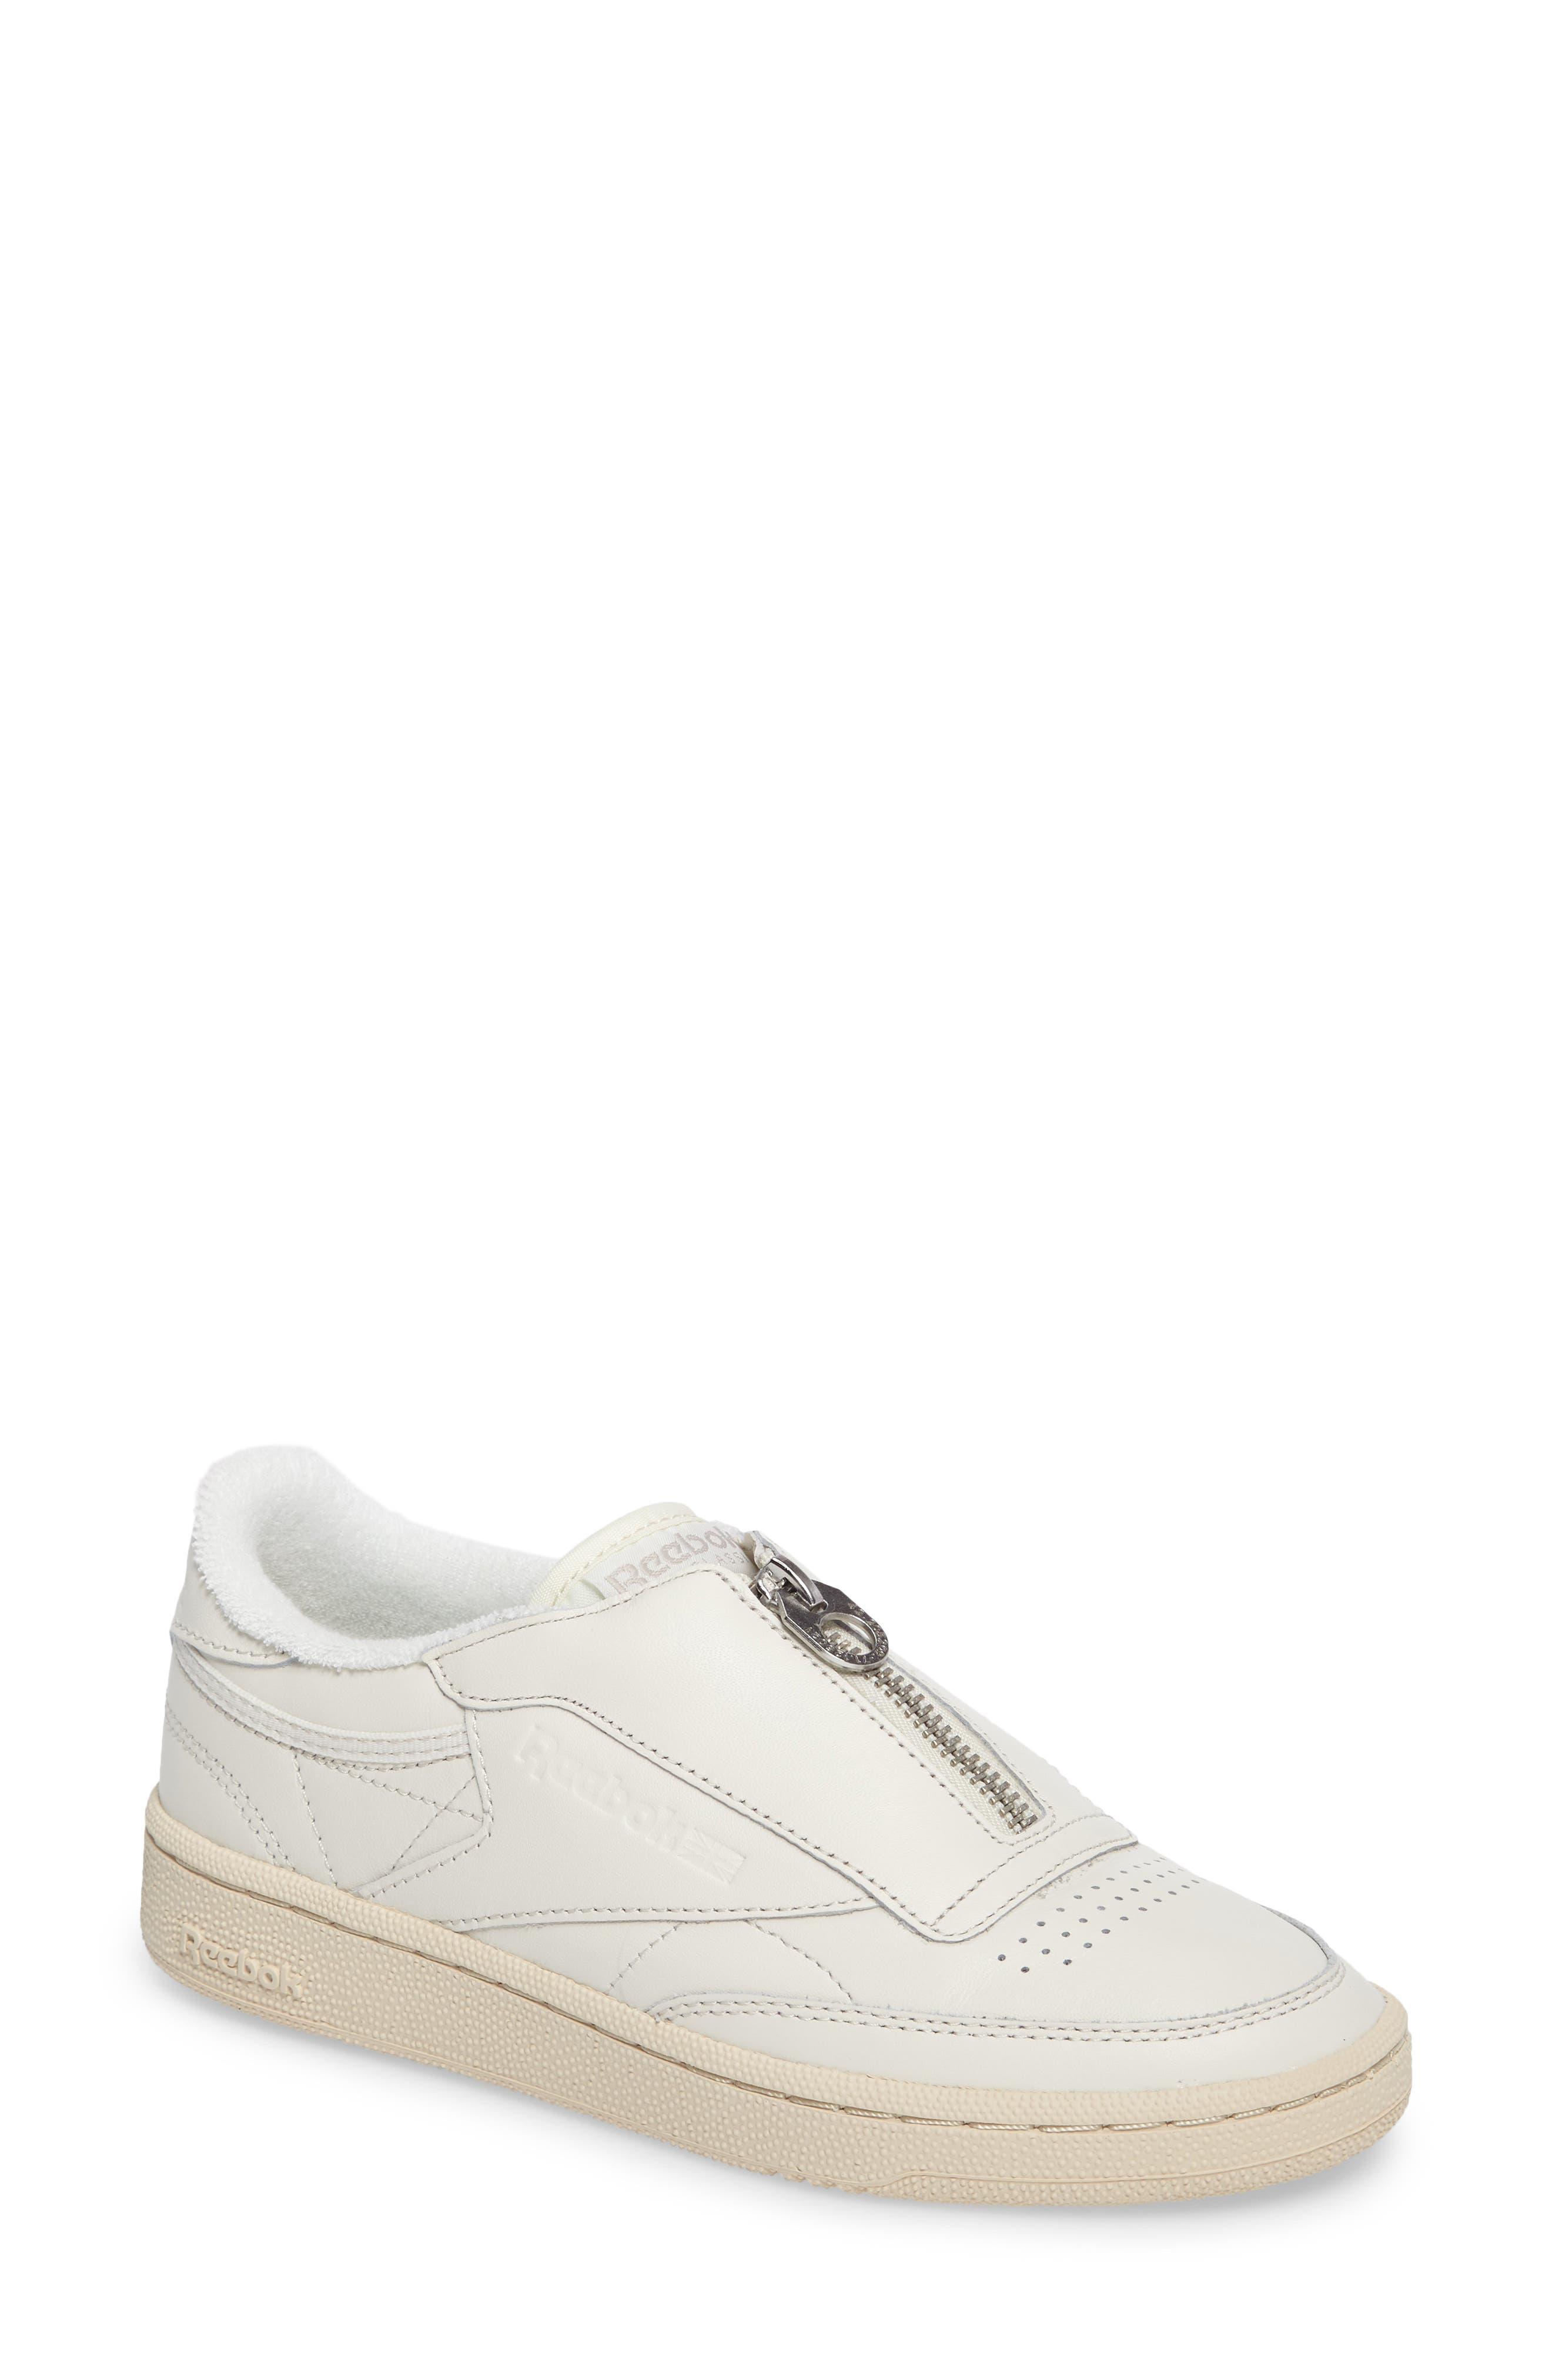 Reebok Club C85 Sneaker (Women)